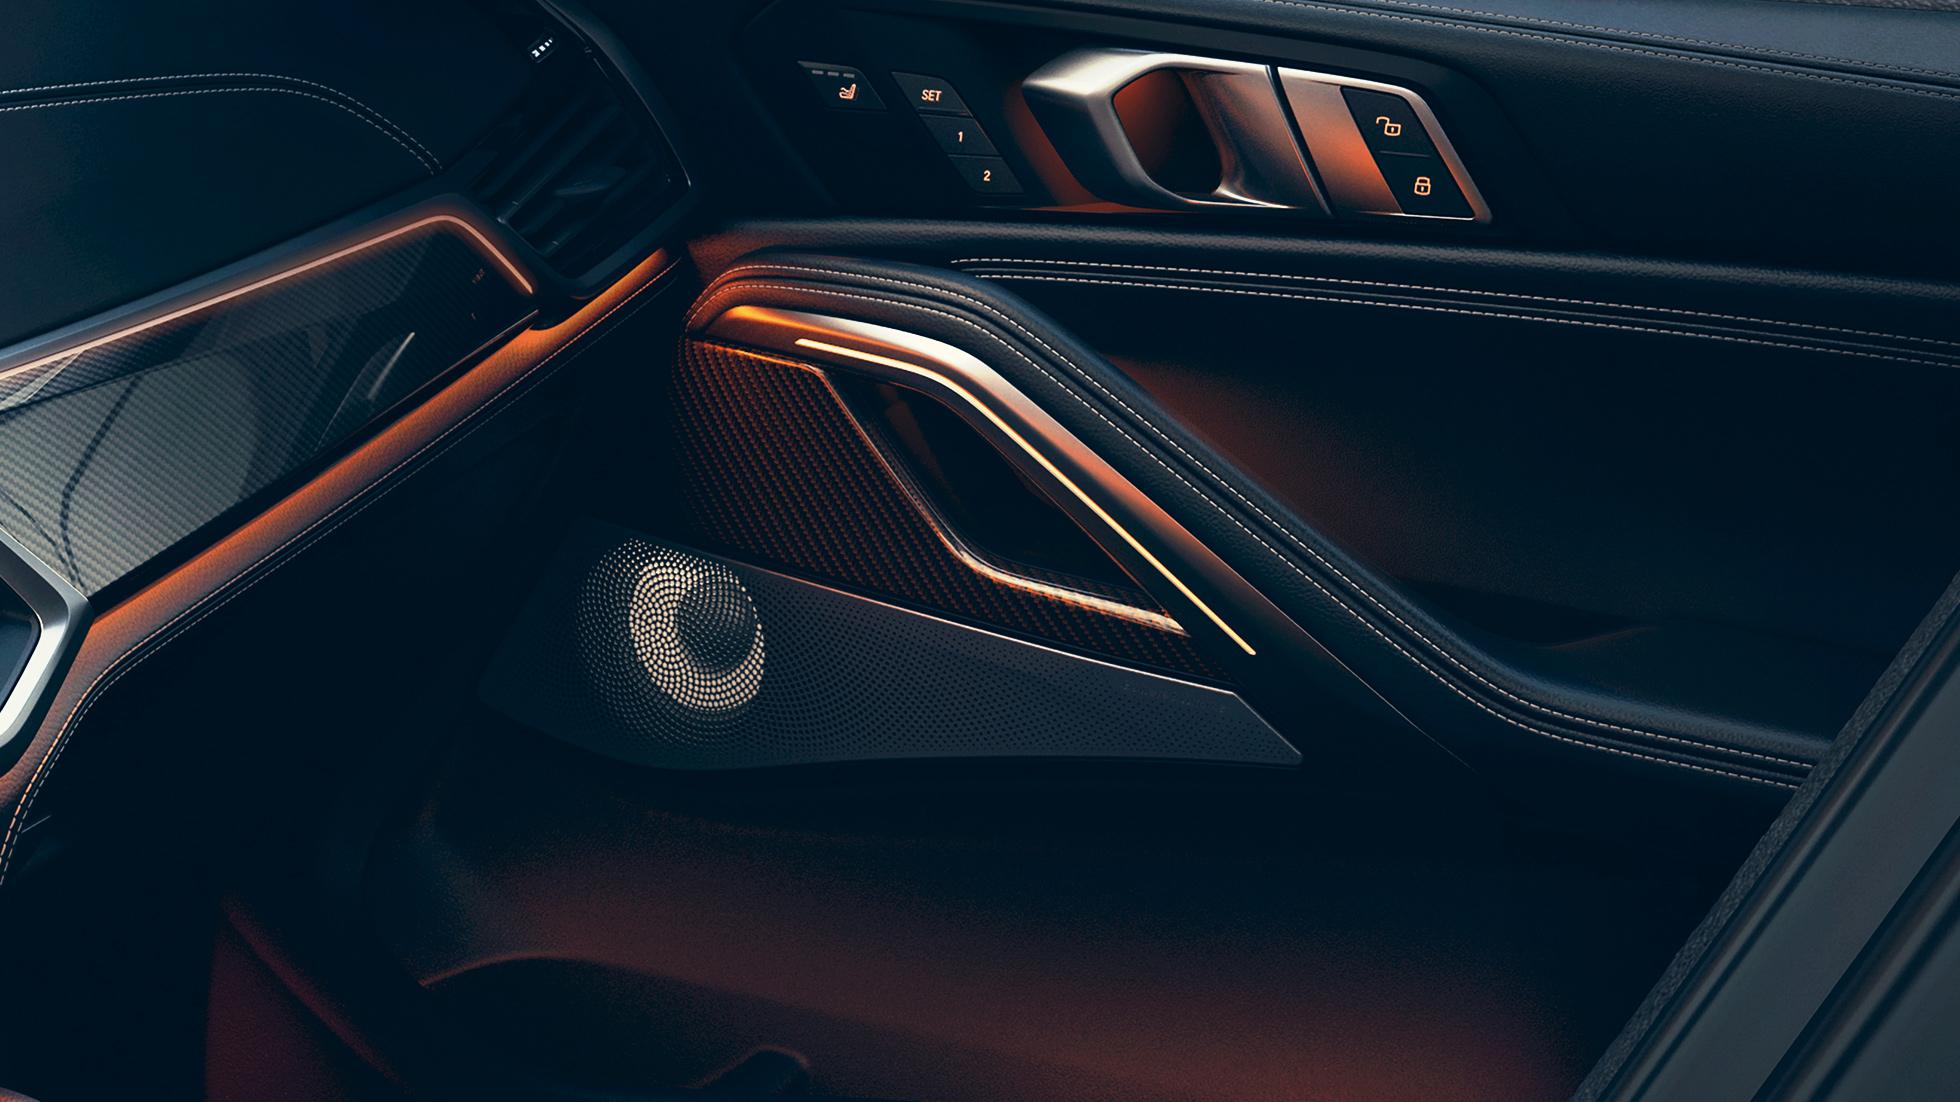 Интерьер BMW, крупный план с фокусировкой на динамике